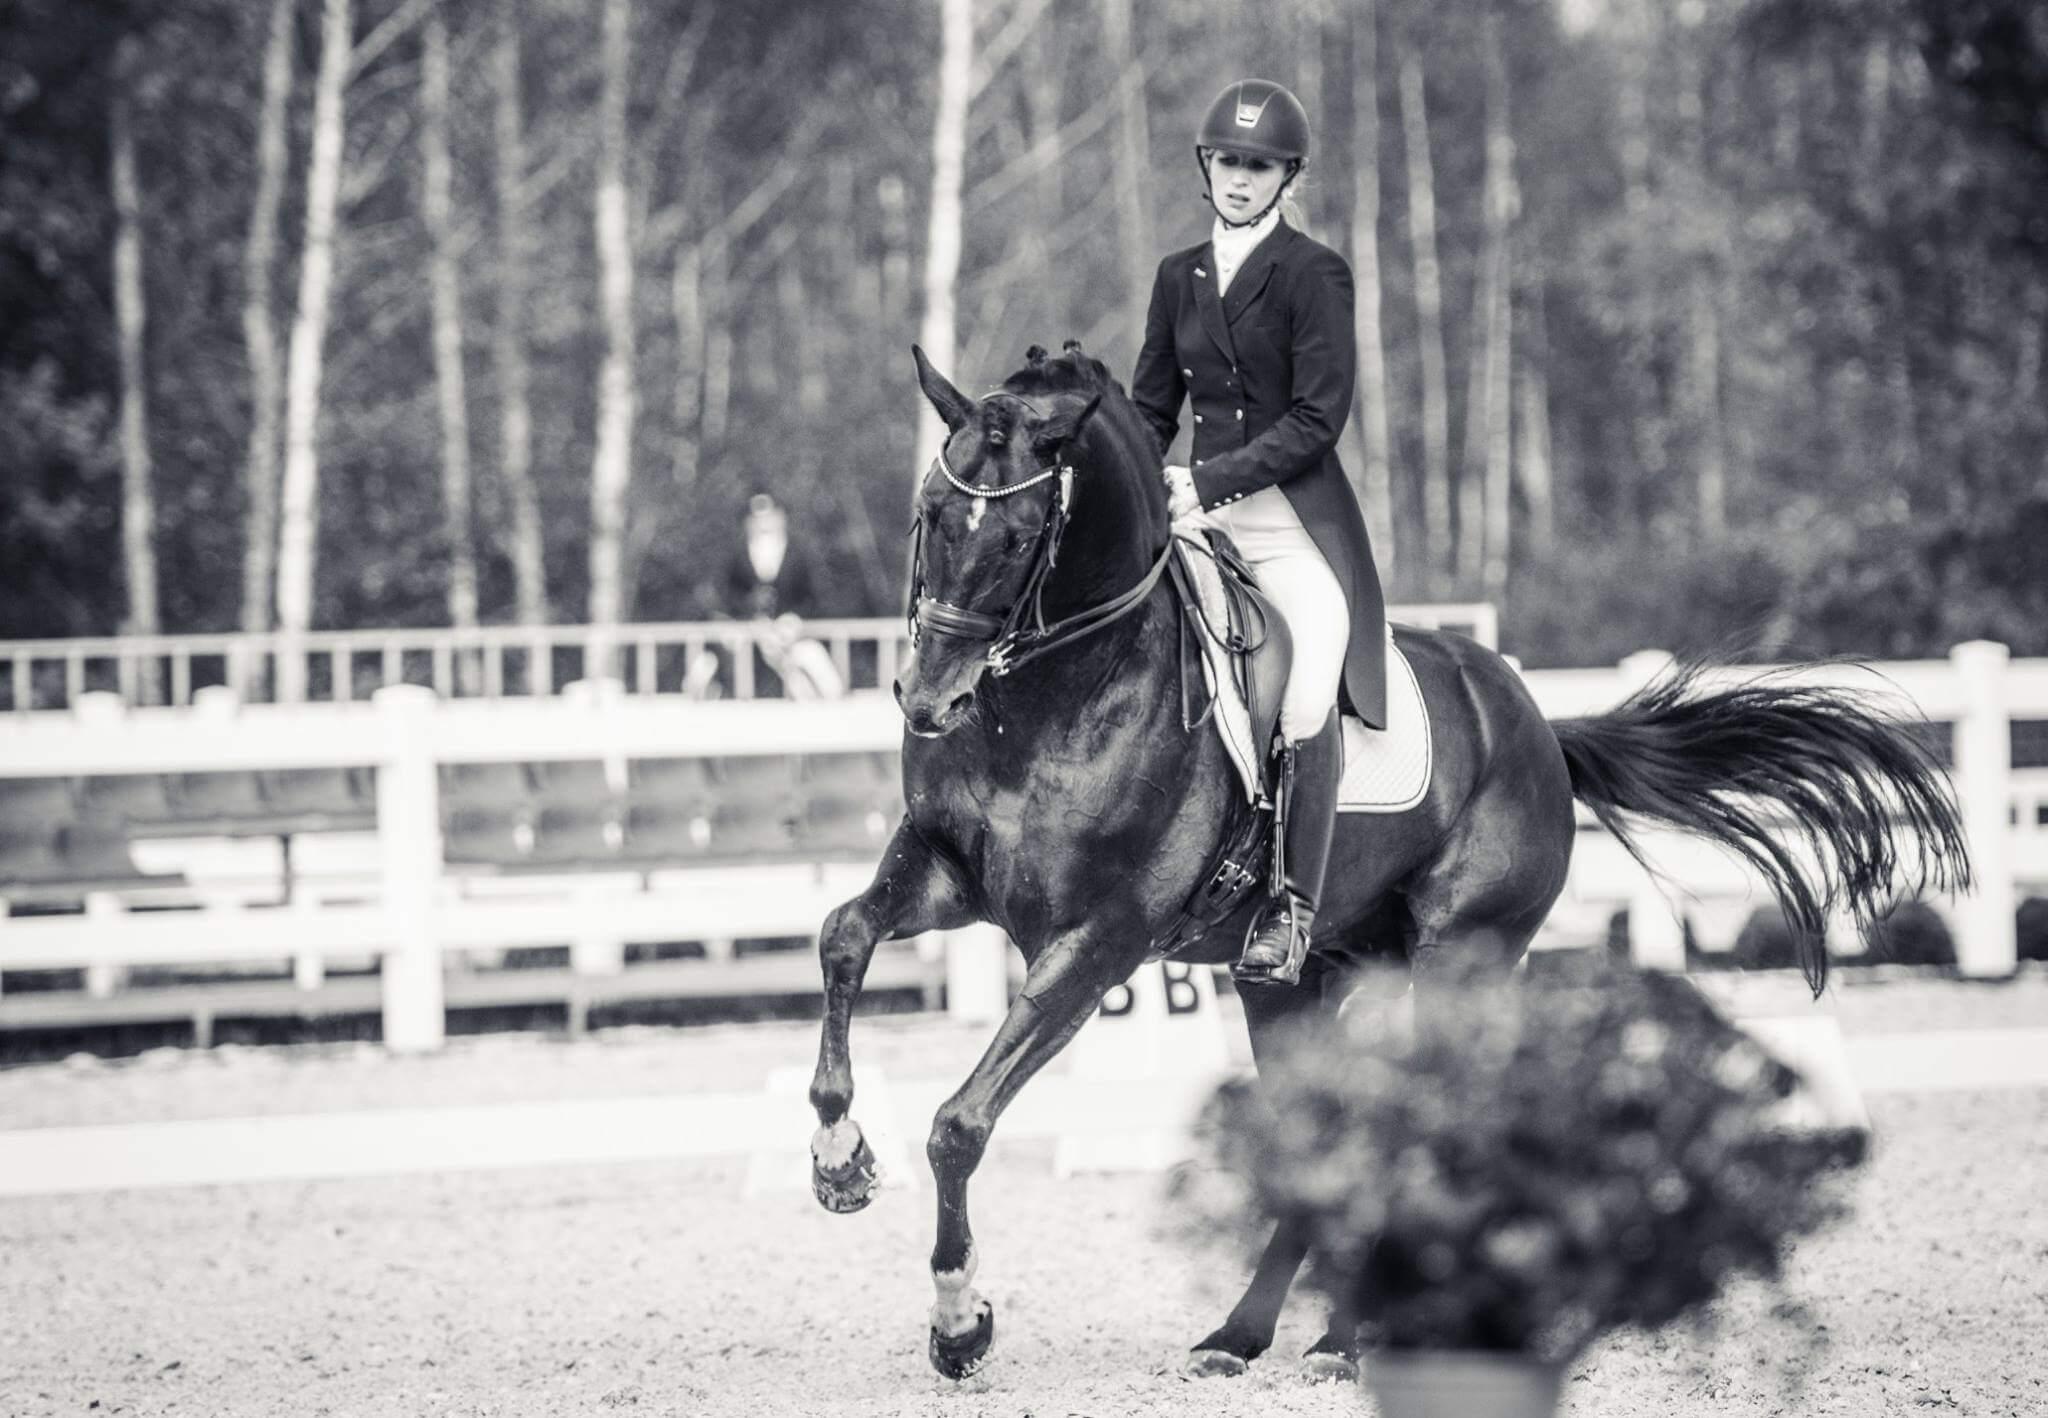 Anna Grygier–Wójtowicz